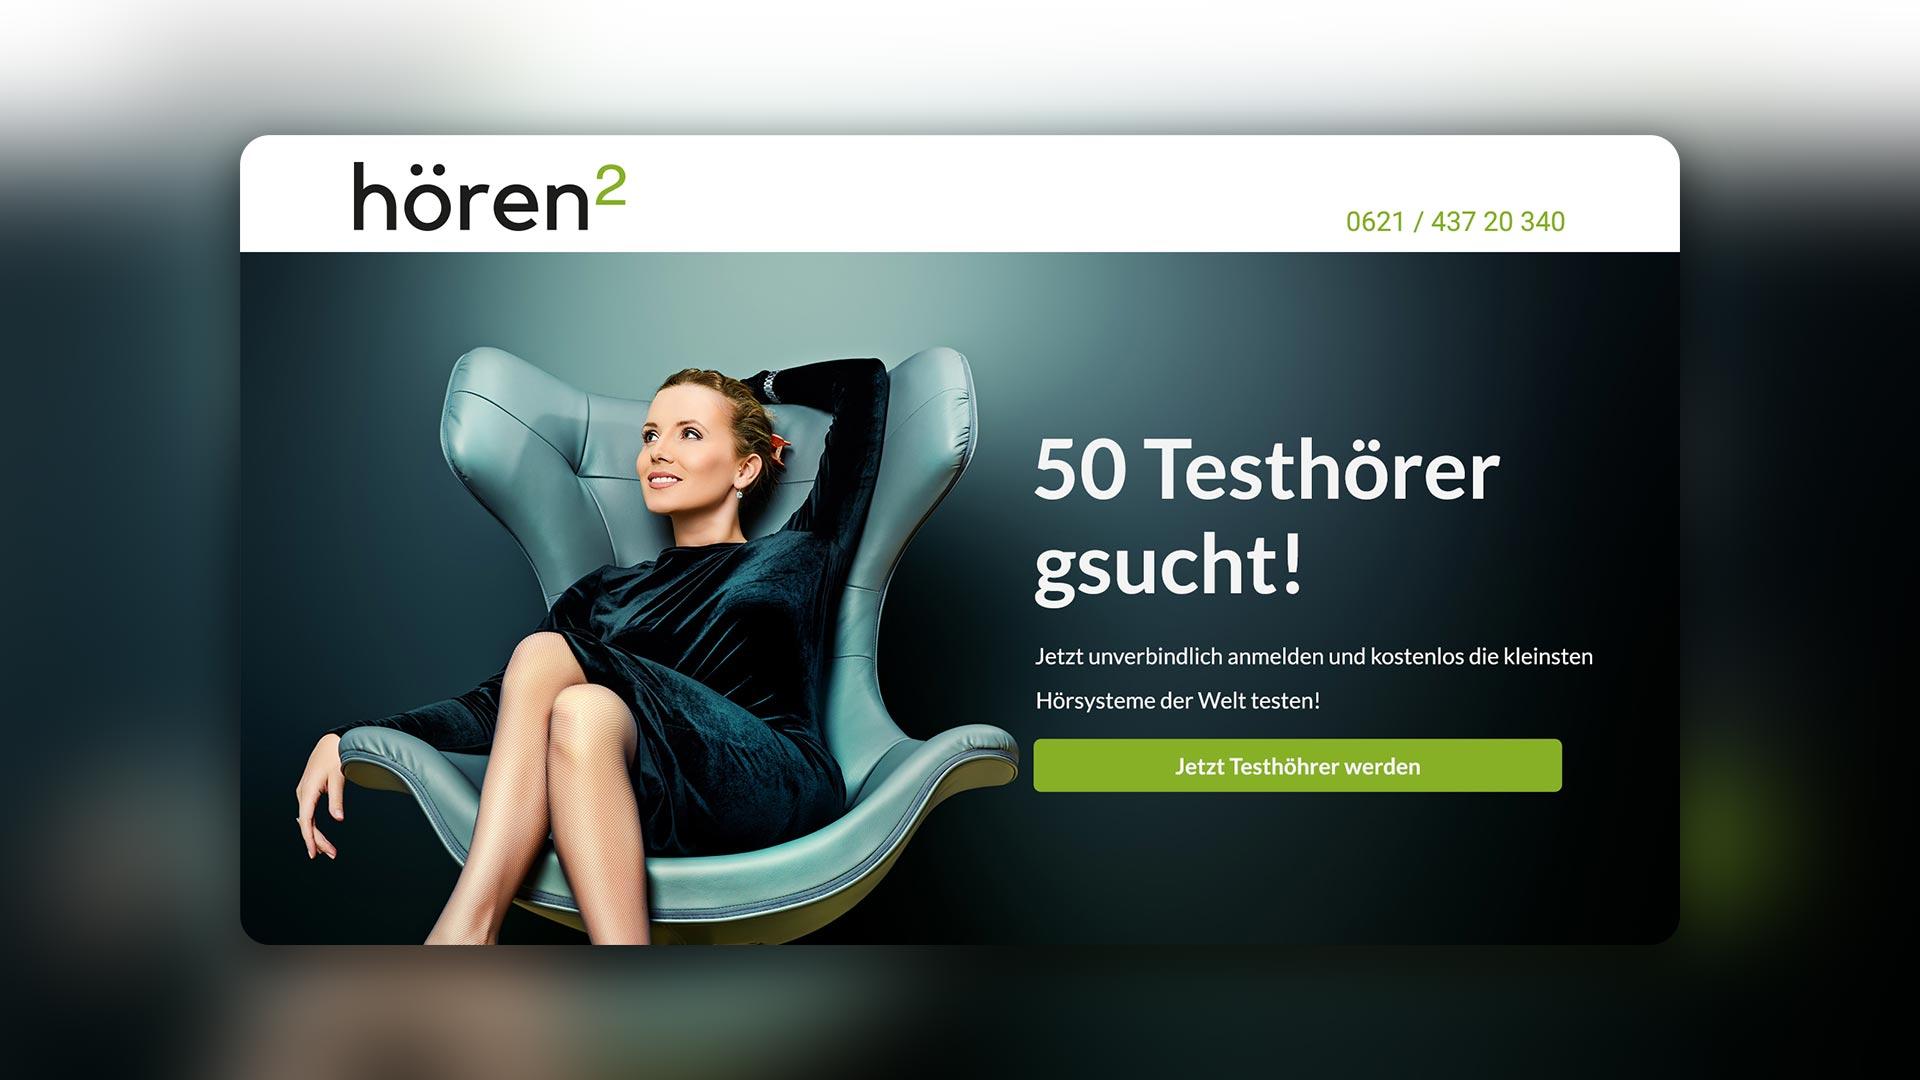 Mischler Webdesign Mannheim portfolio hoerenhochzwei landingpage